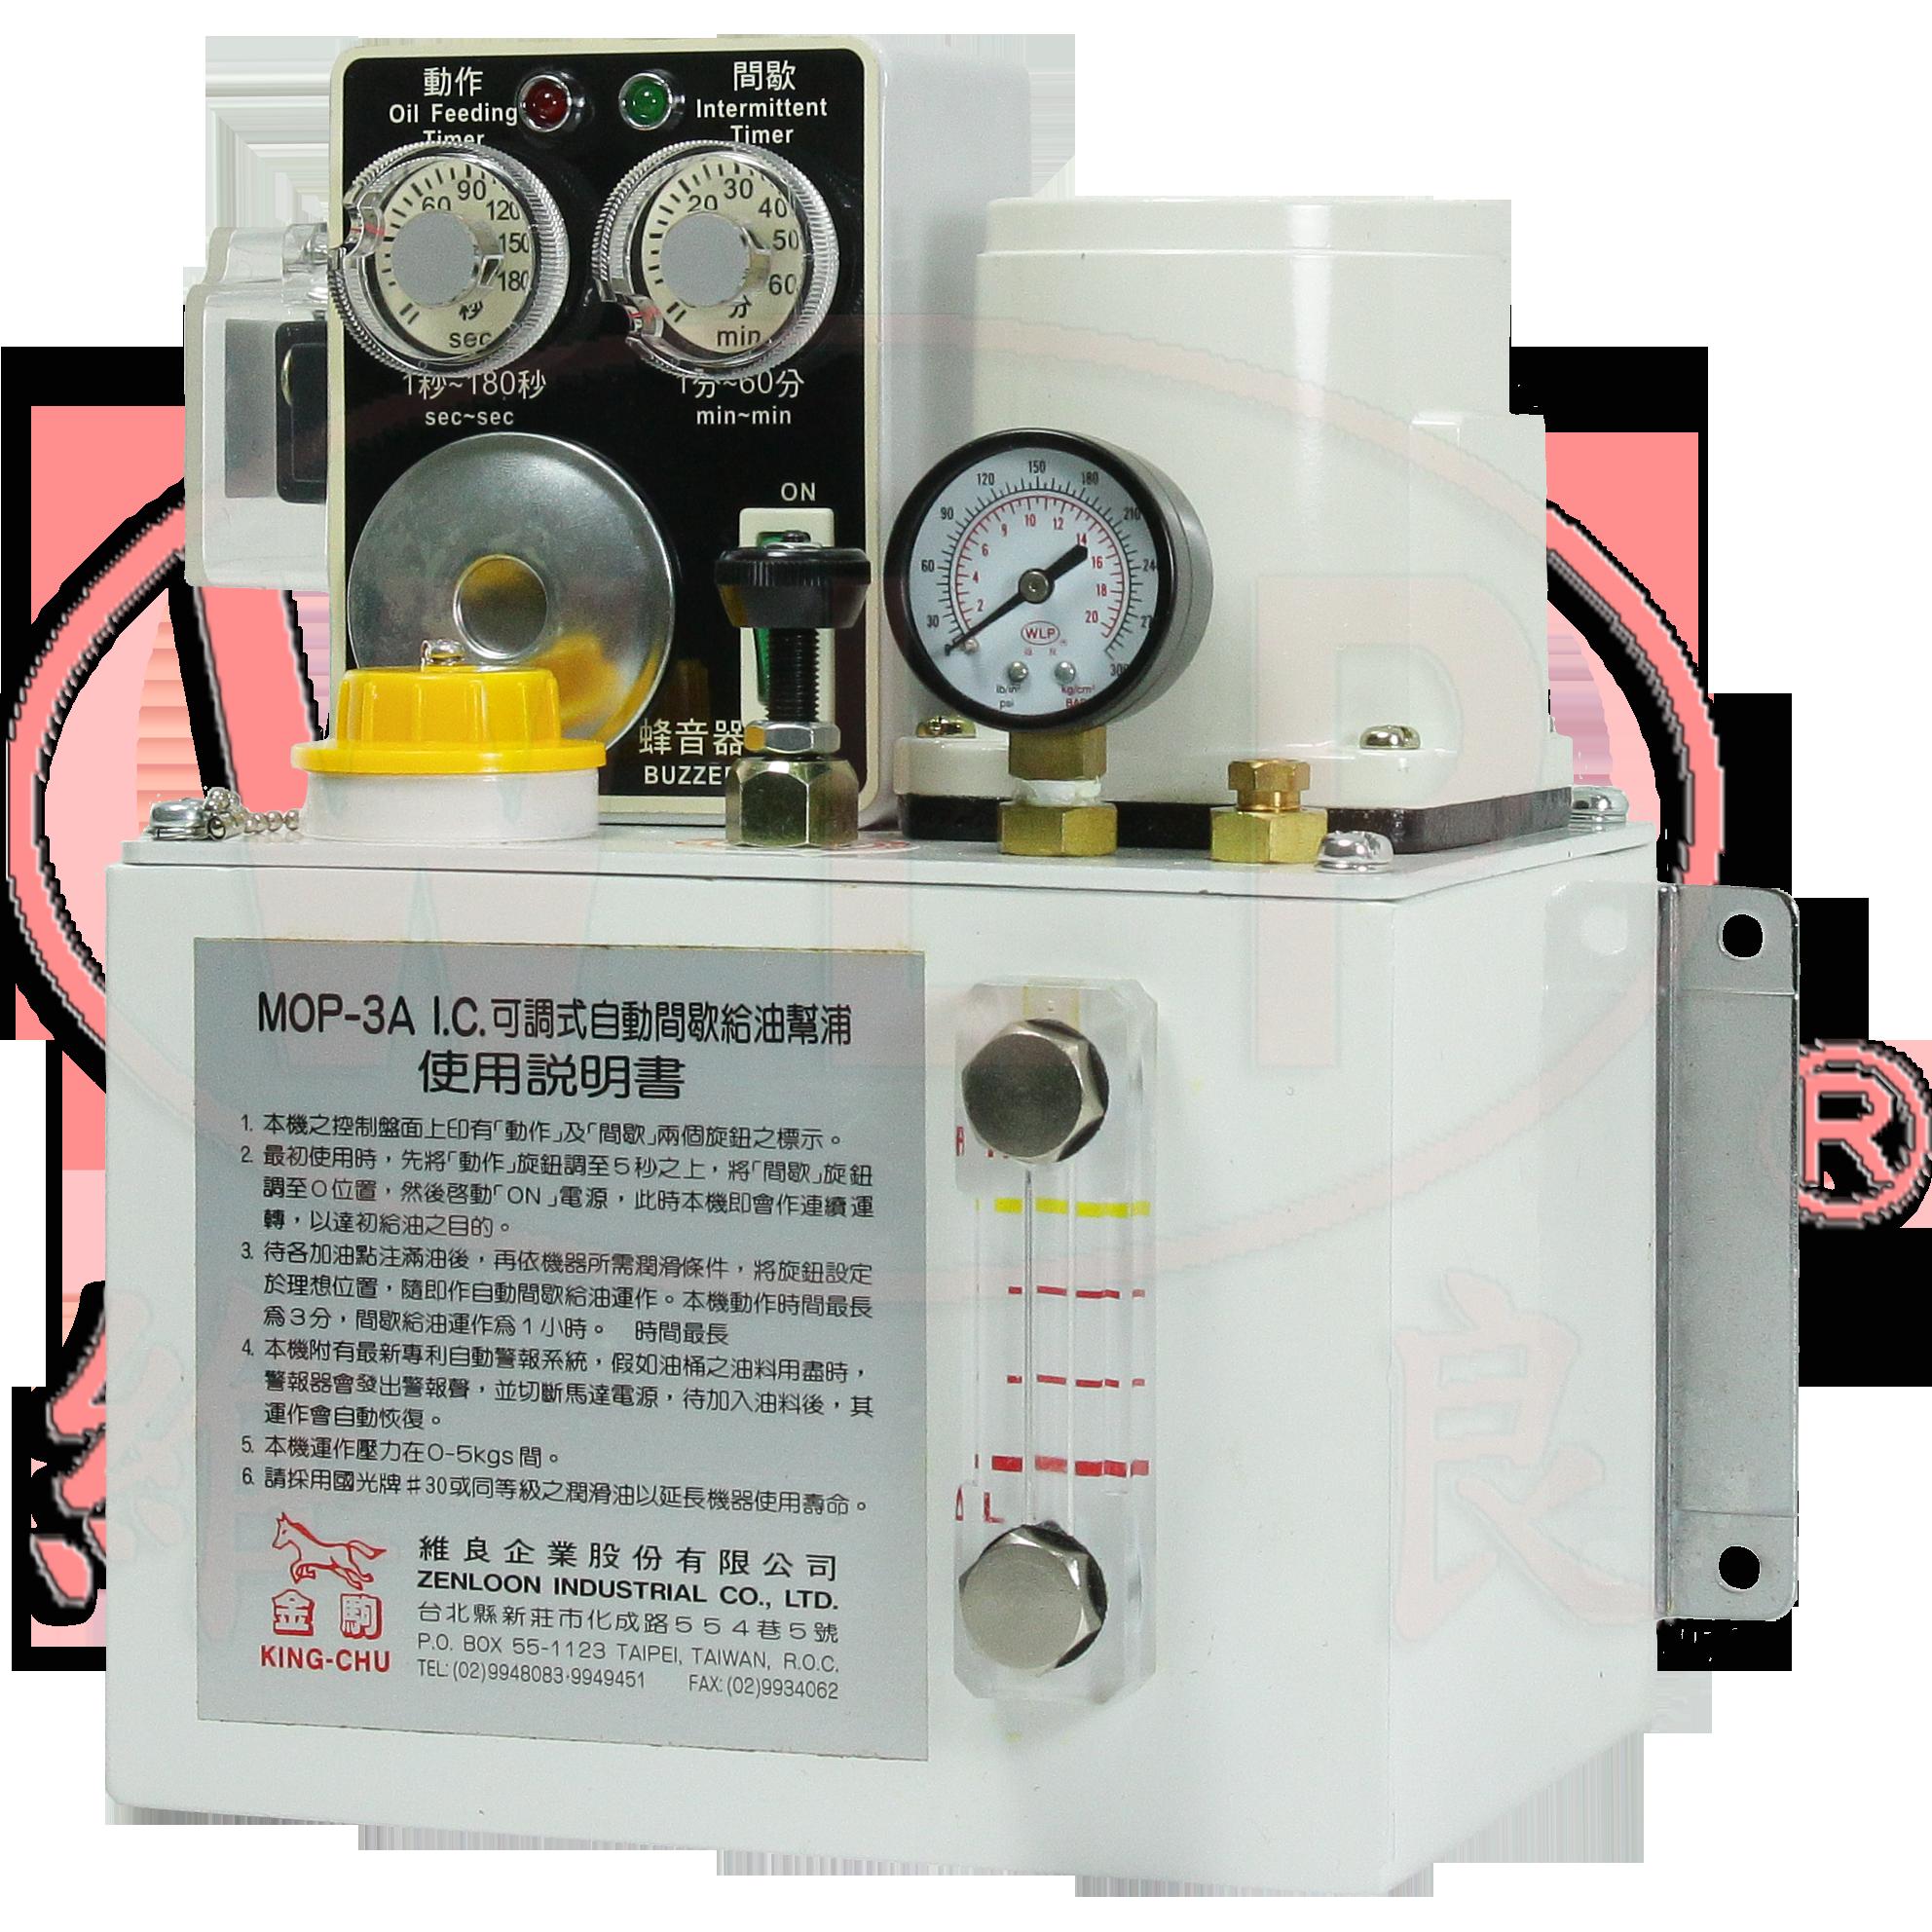 MOP-3A 電動可調旋鈕式間歇注油機(鐵質油箱)